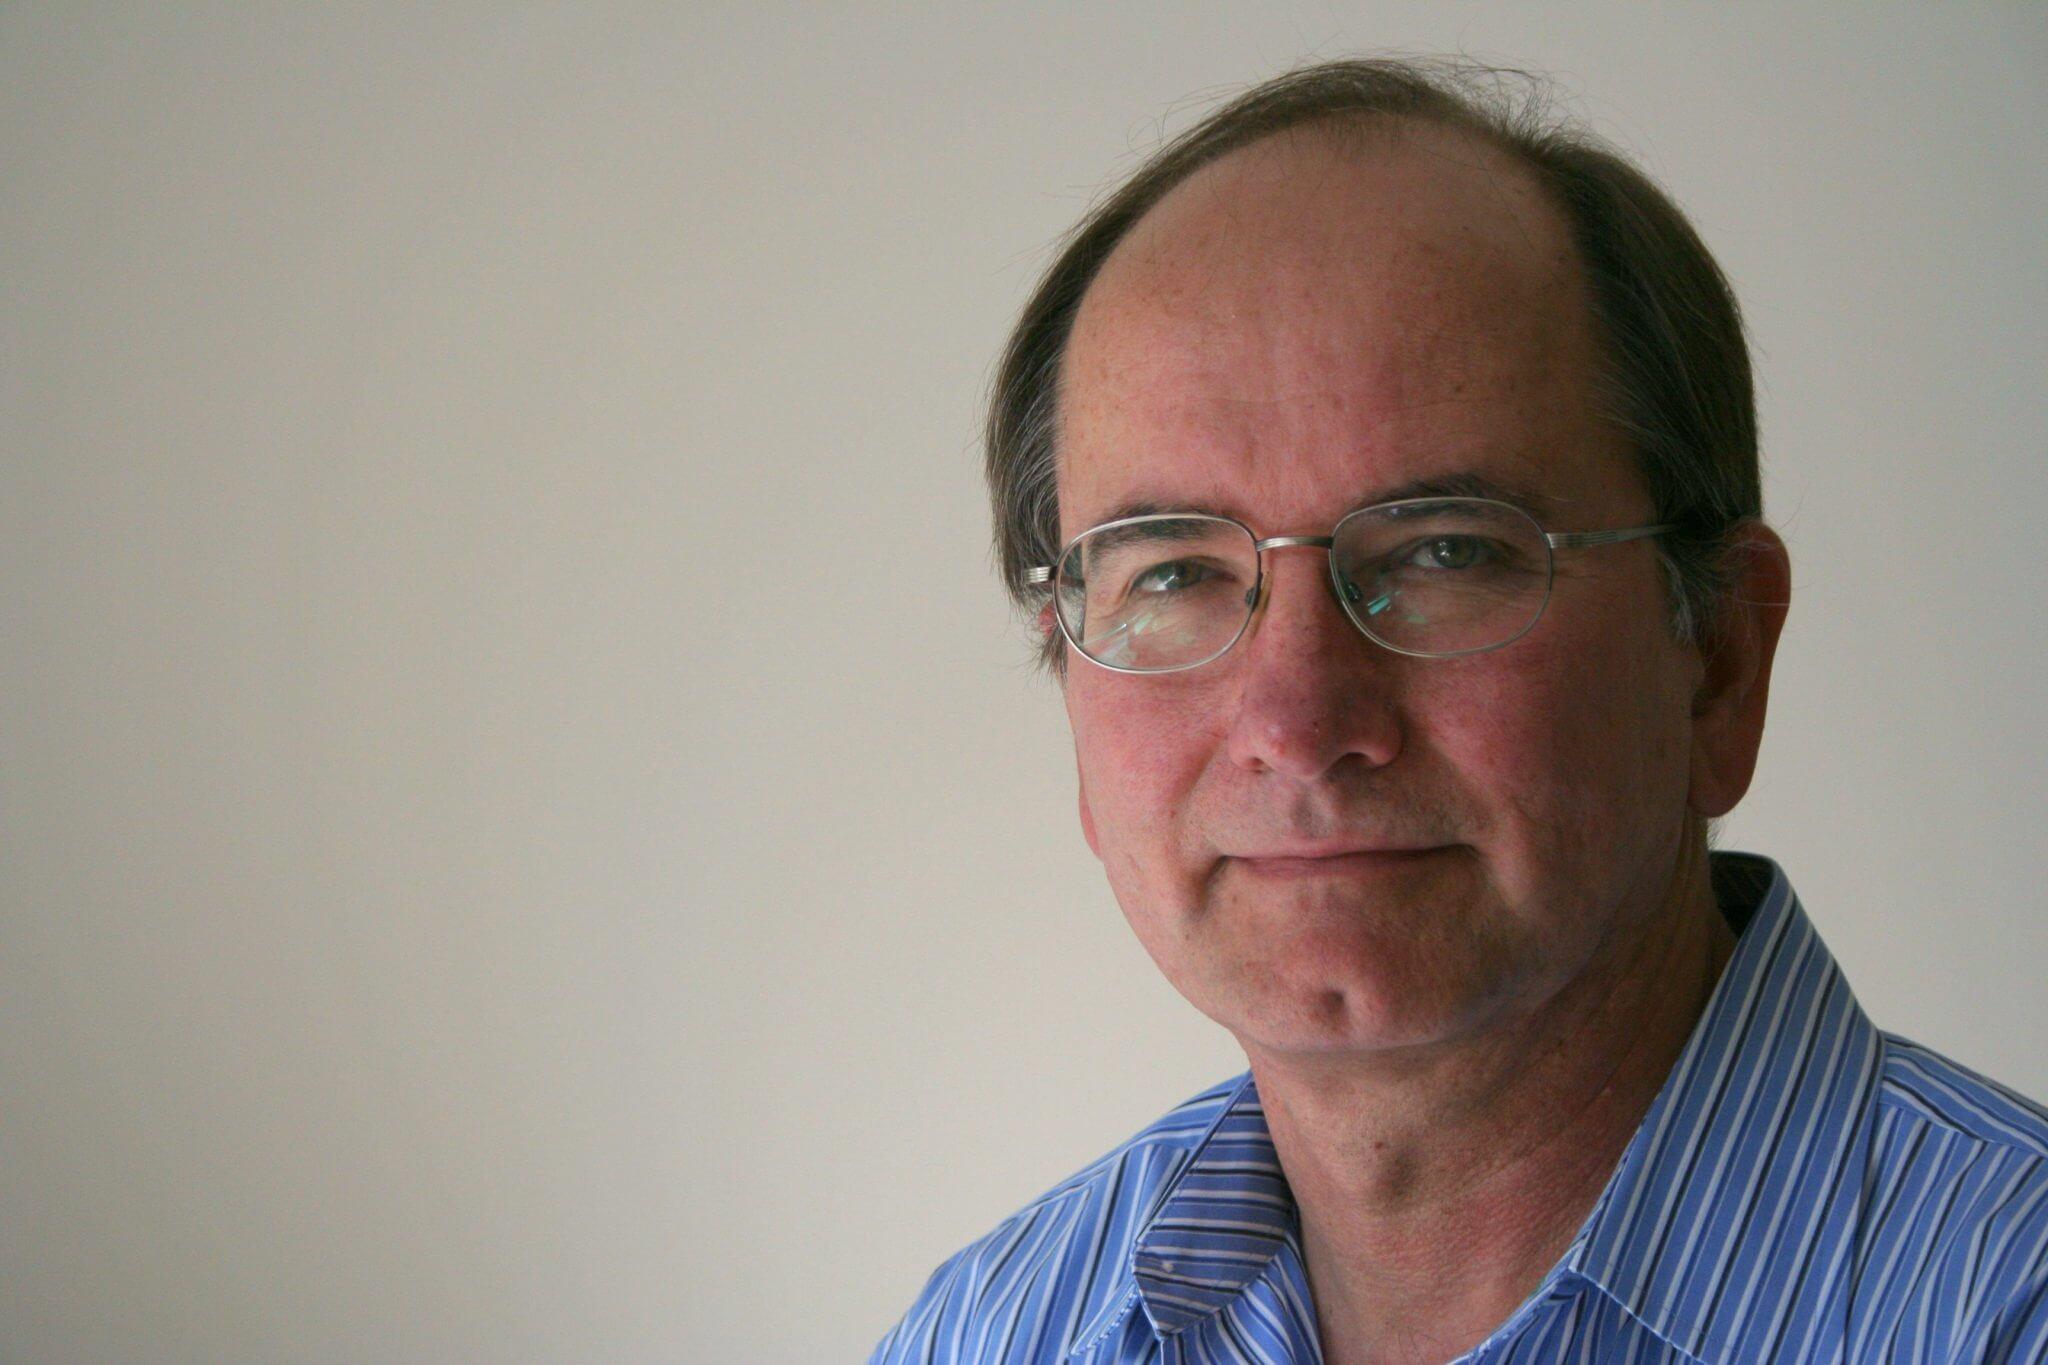 Chris Freimond